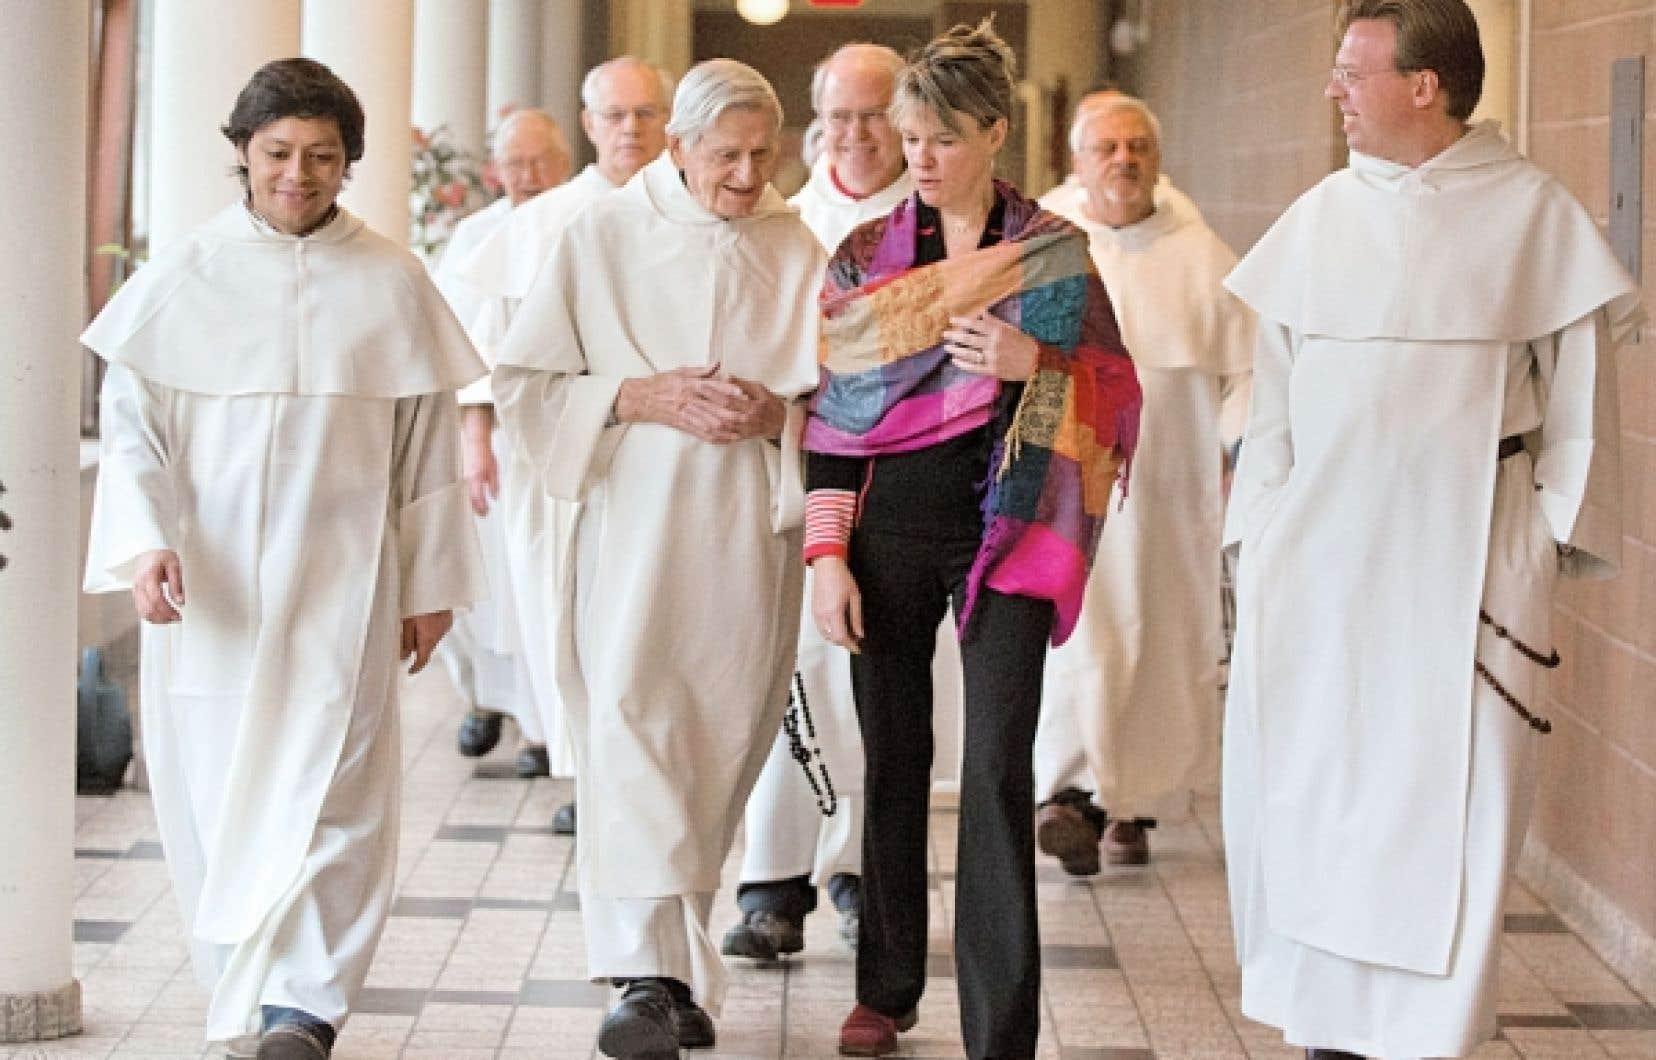 Trente-quatre vieux garçons érudits peuvent créer l'accoutumance. À l'avant-plan, Joblo, journaliste en résidence, entourée des frères Christian, Benoît (Lacroix) et Rick.